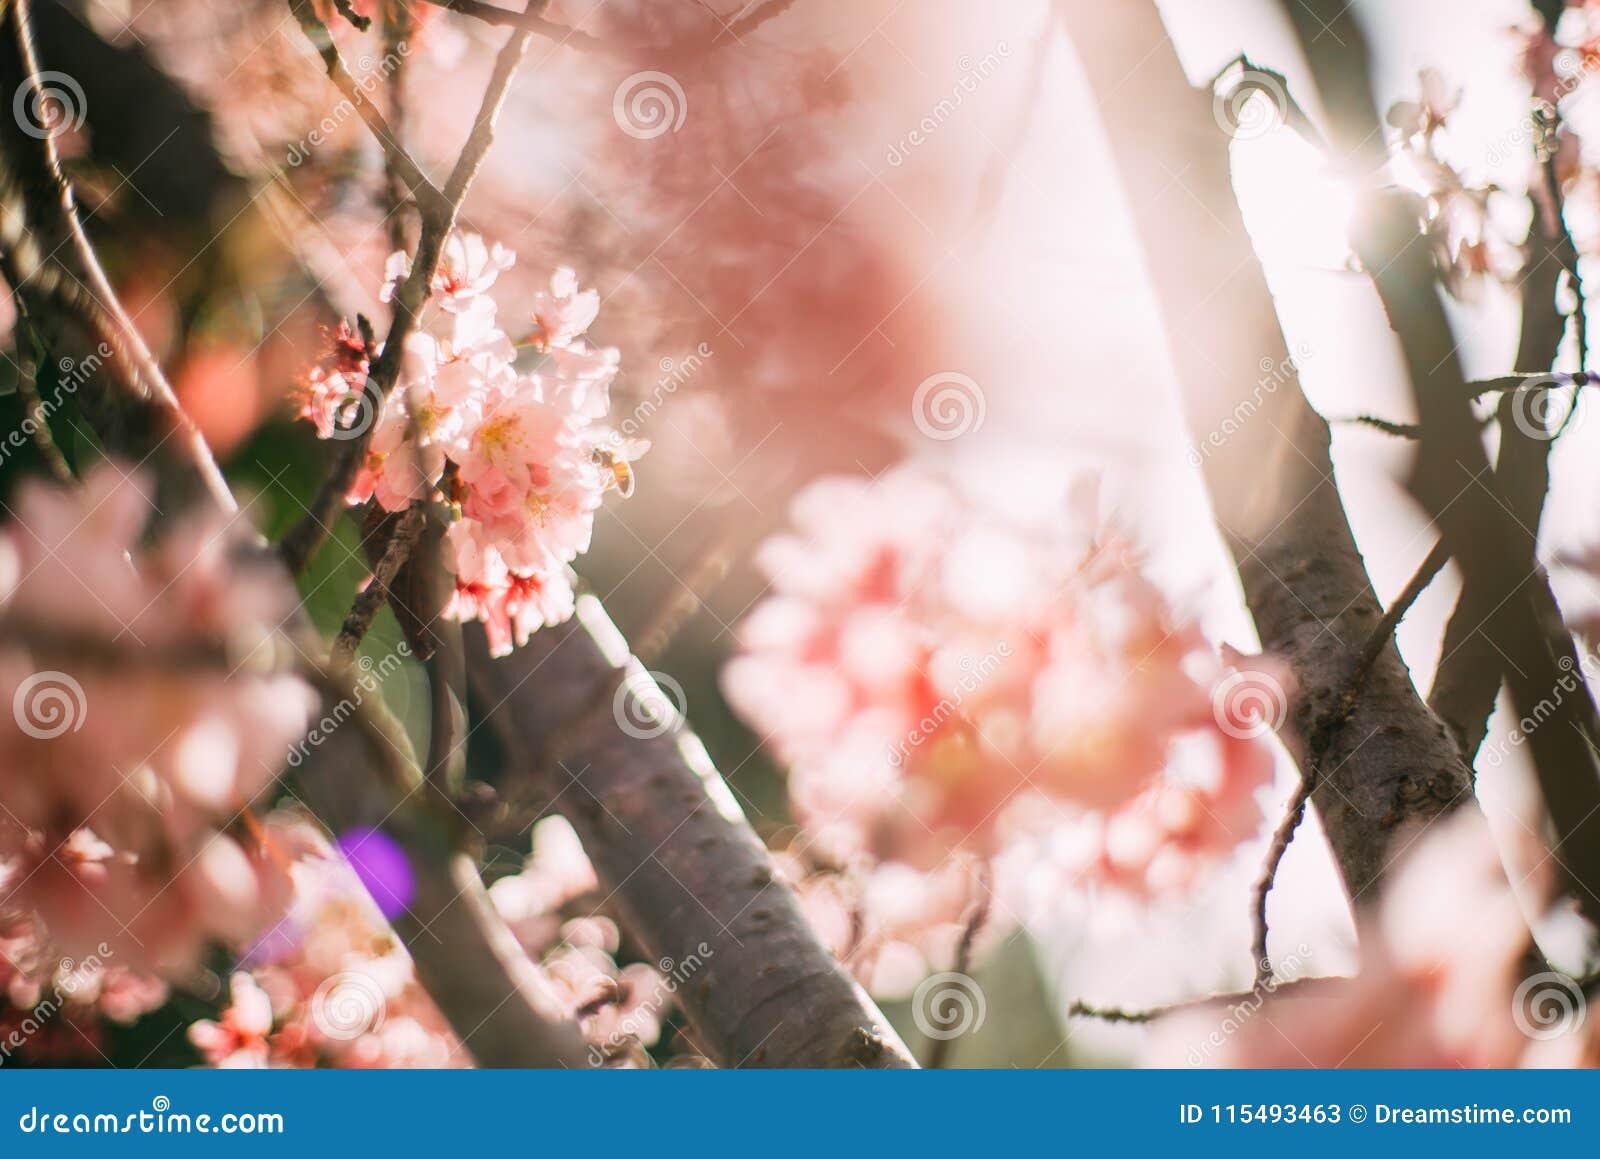 Filial de árvore de florescência da cereja